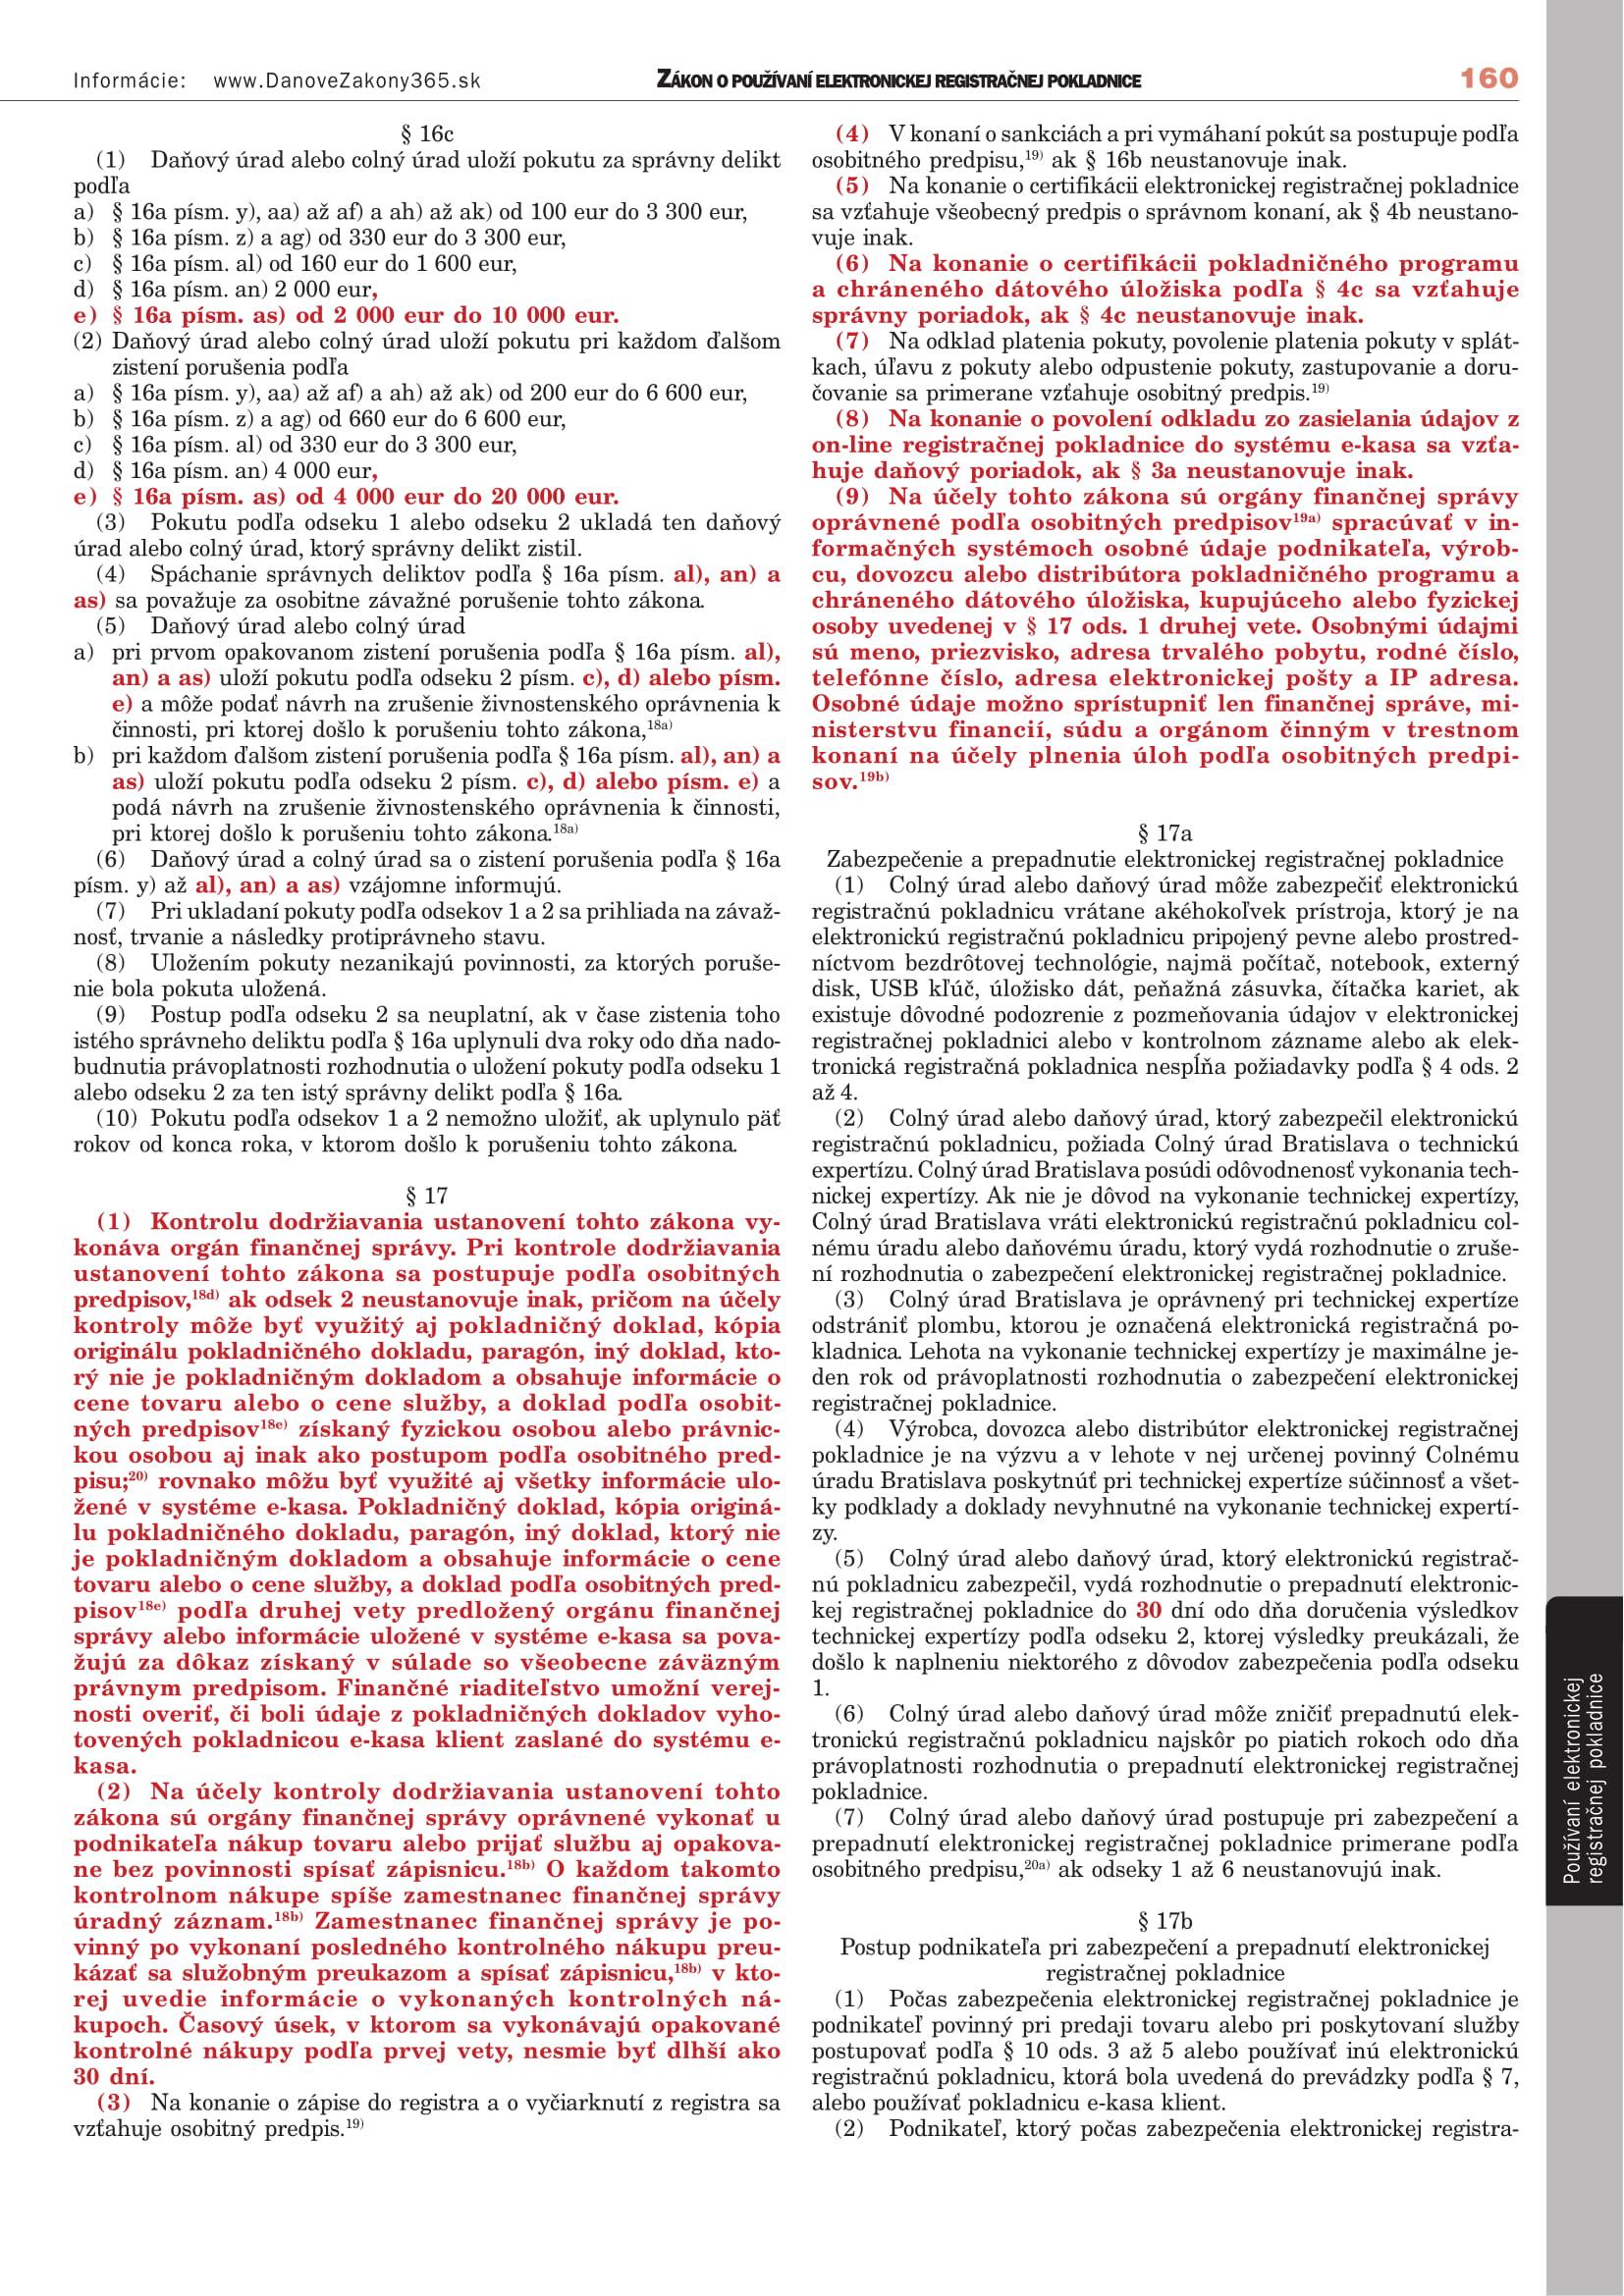 alto_zakon_o_registracnych_pokladniach_2019_po_jednej_stranane-15